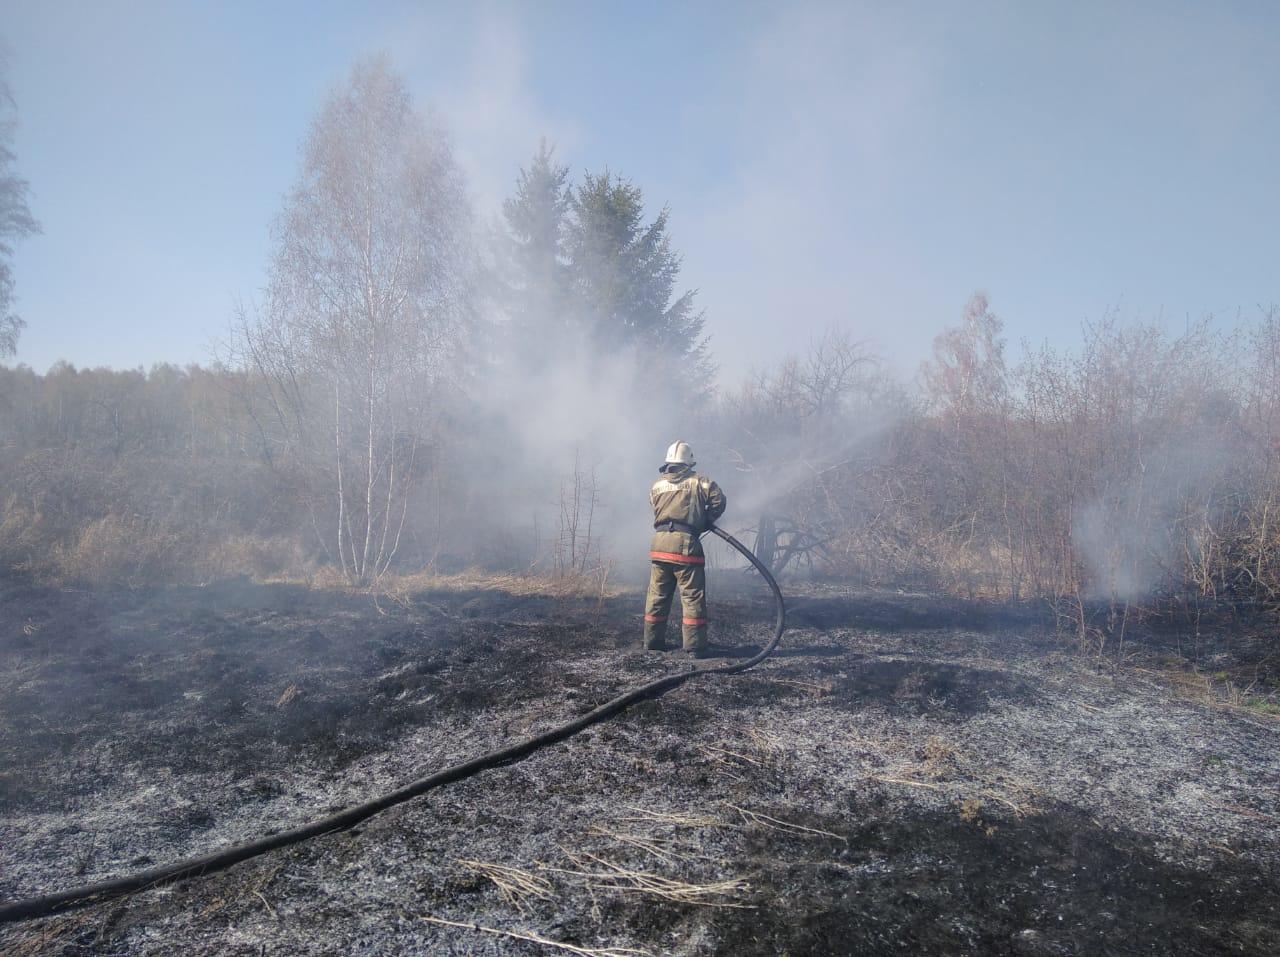 В двух районах Омской области ввели режим ЧС из-за пожаров #Новости #Общество #Омск